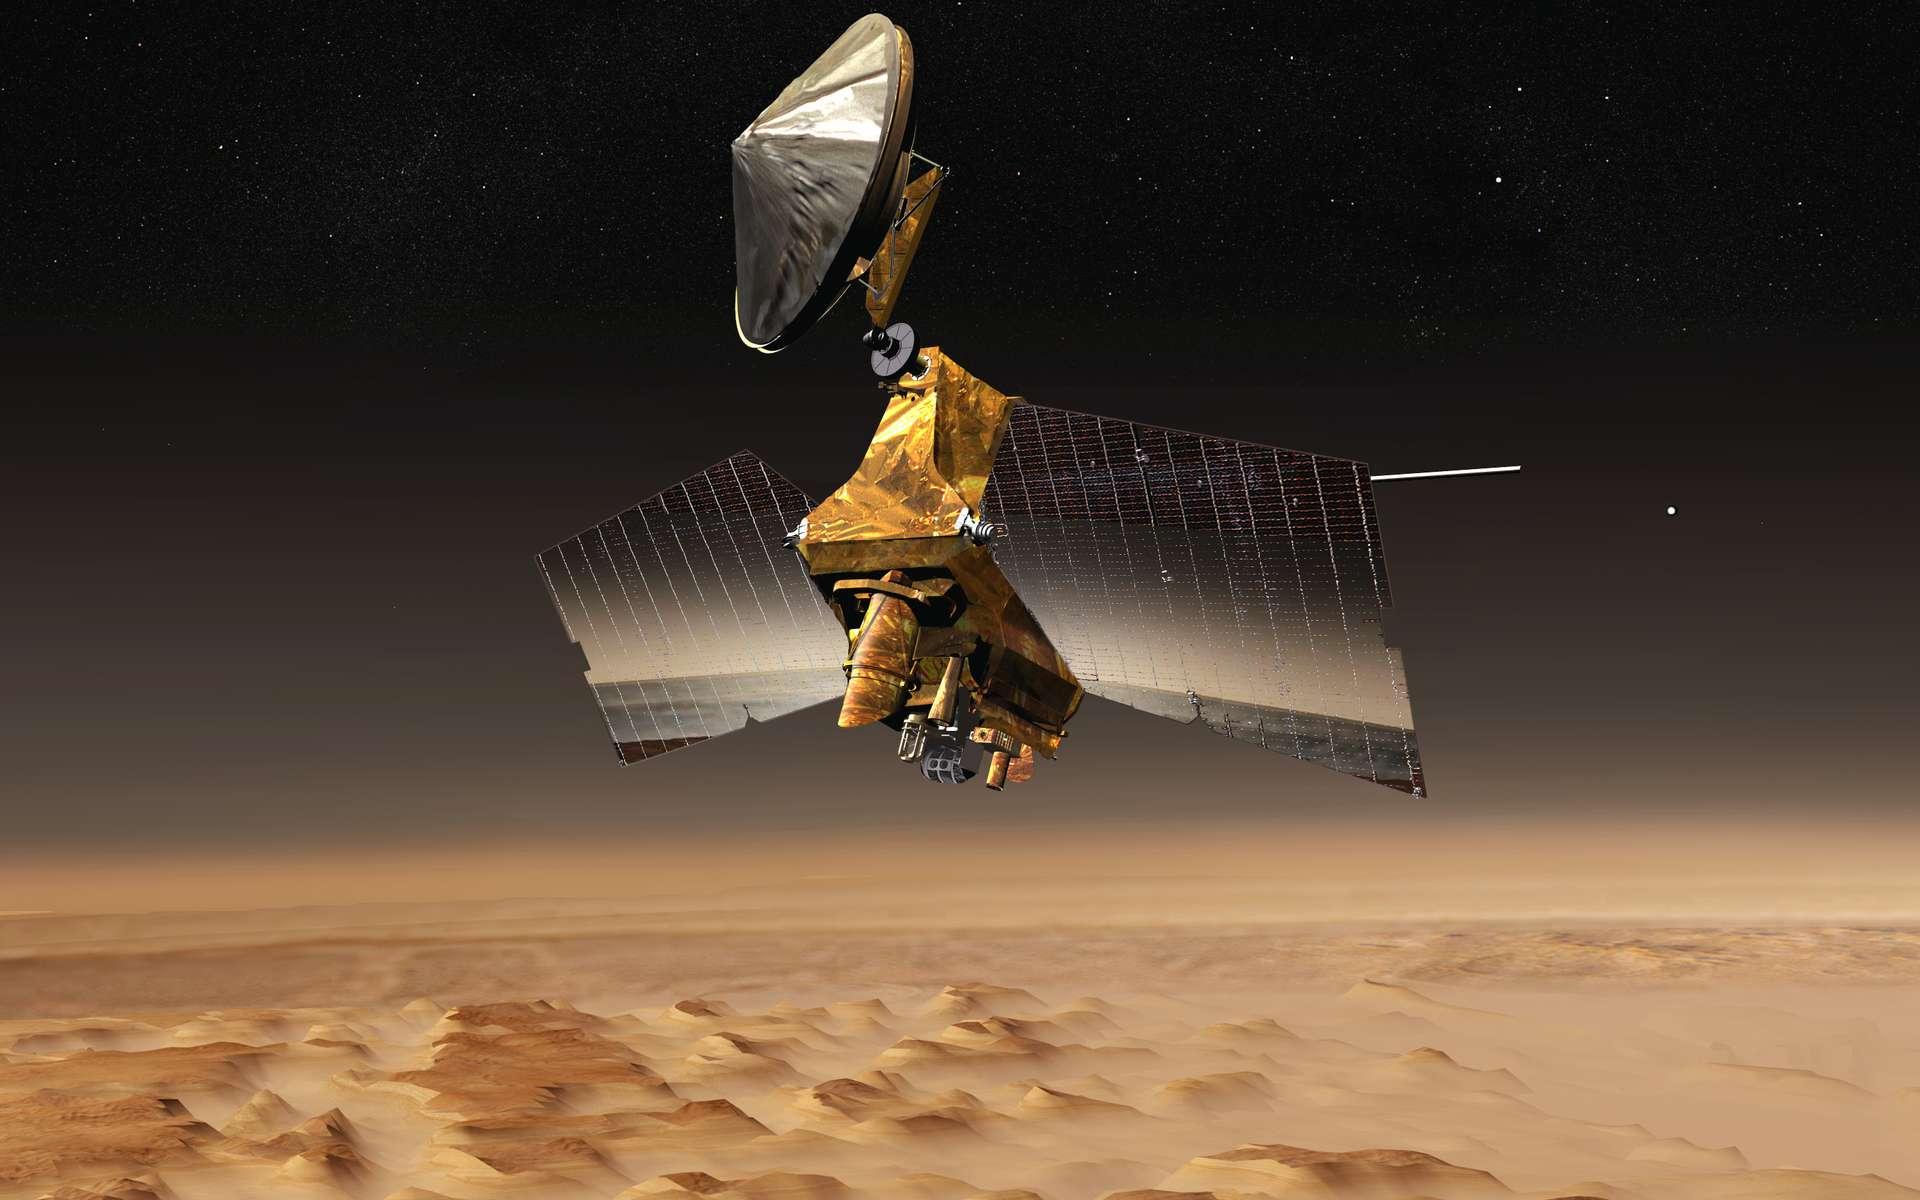 L'orbiteur MRO, en image d'artiste, au-dessus de la planète Mars. © Nasa